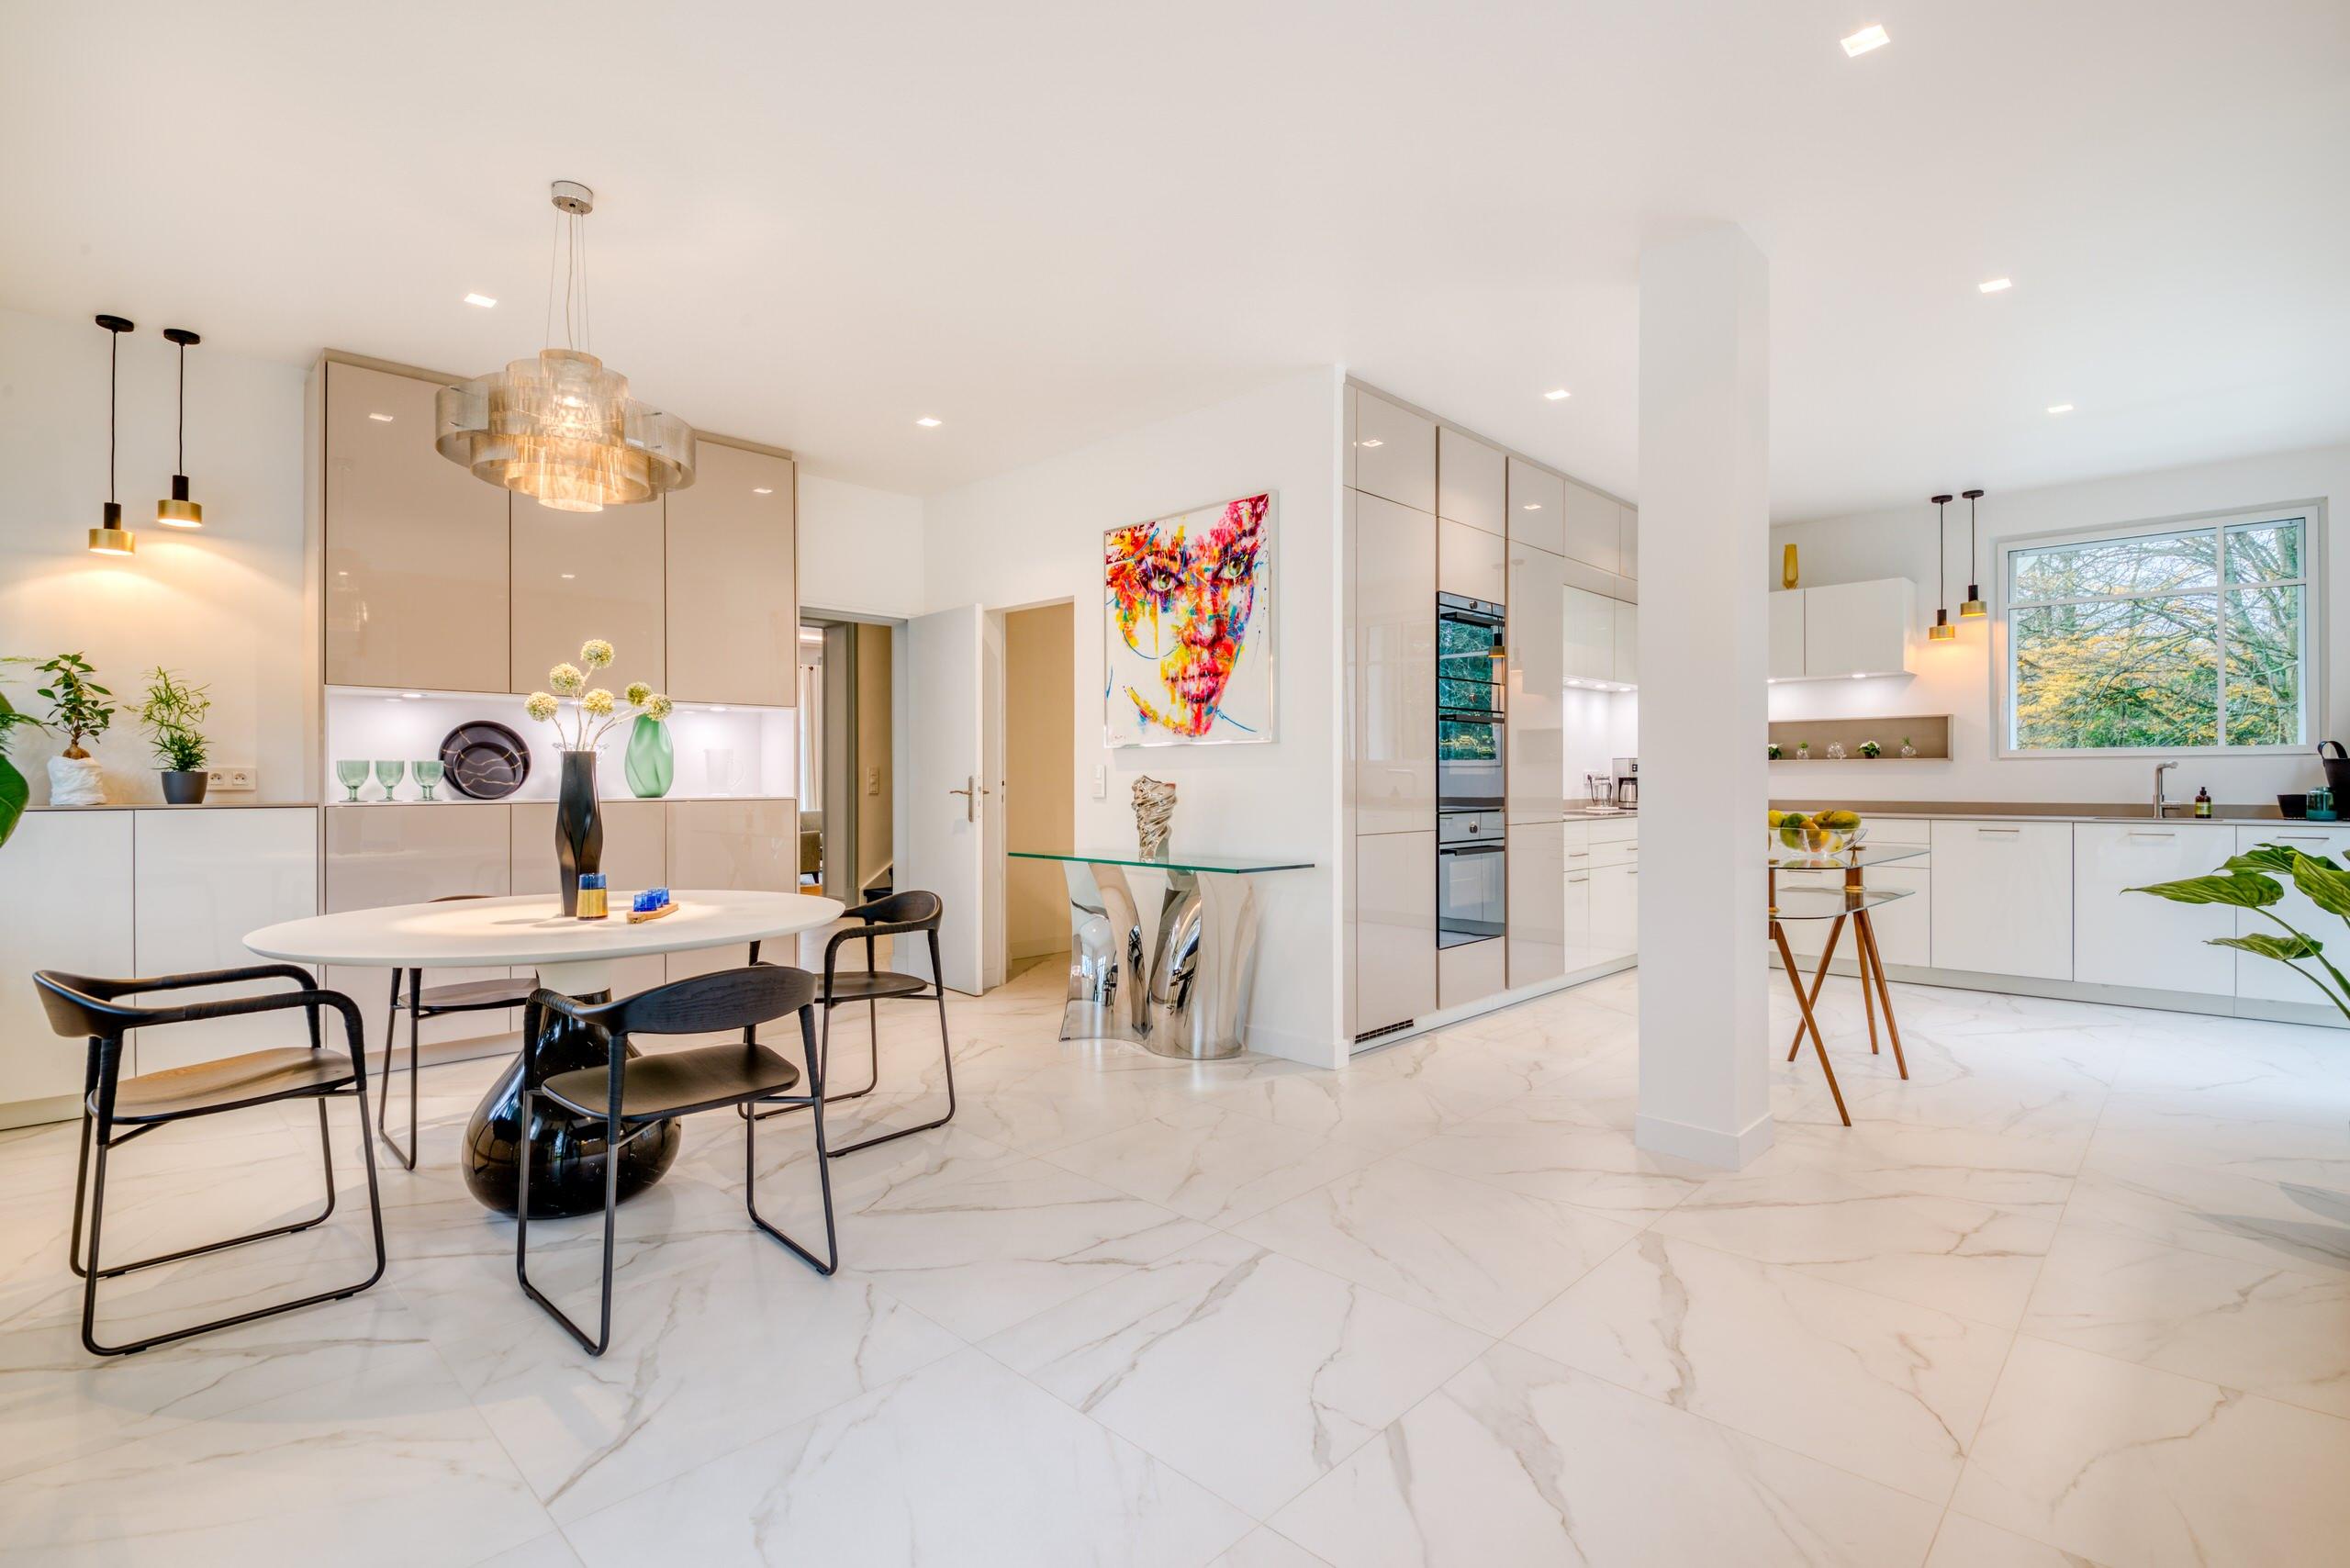 Villa de 650 m2 à Saint-Germain-en-Laye - La cuisine